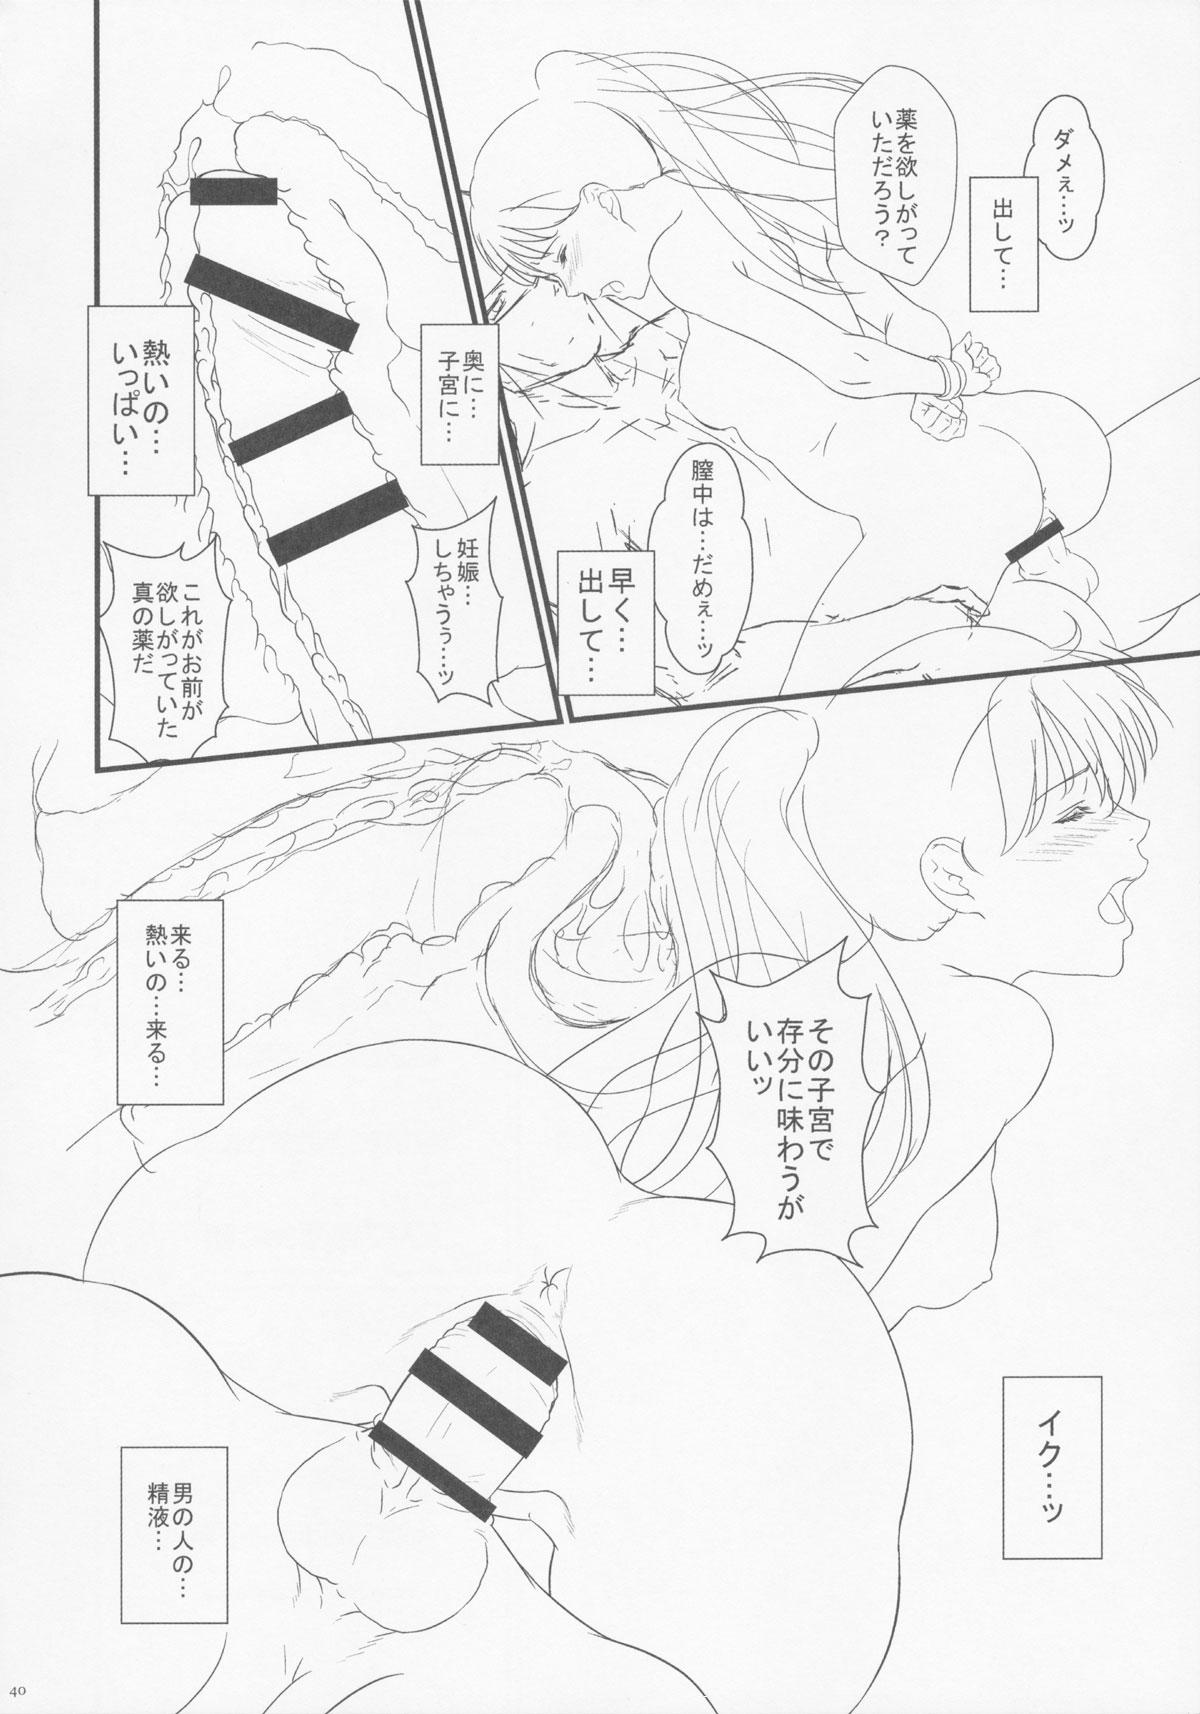 お姉ちゃんの裸みてみたいなぁwぬぎぬぎしようね~wやっダメっ!!あ~ん・・・ママ助けて!!【エロ漫画・エロ同人】 (39)